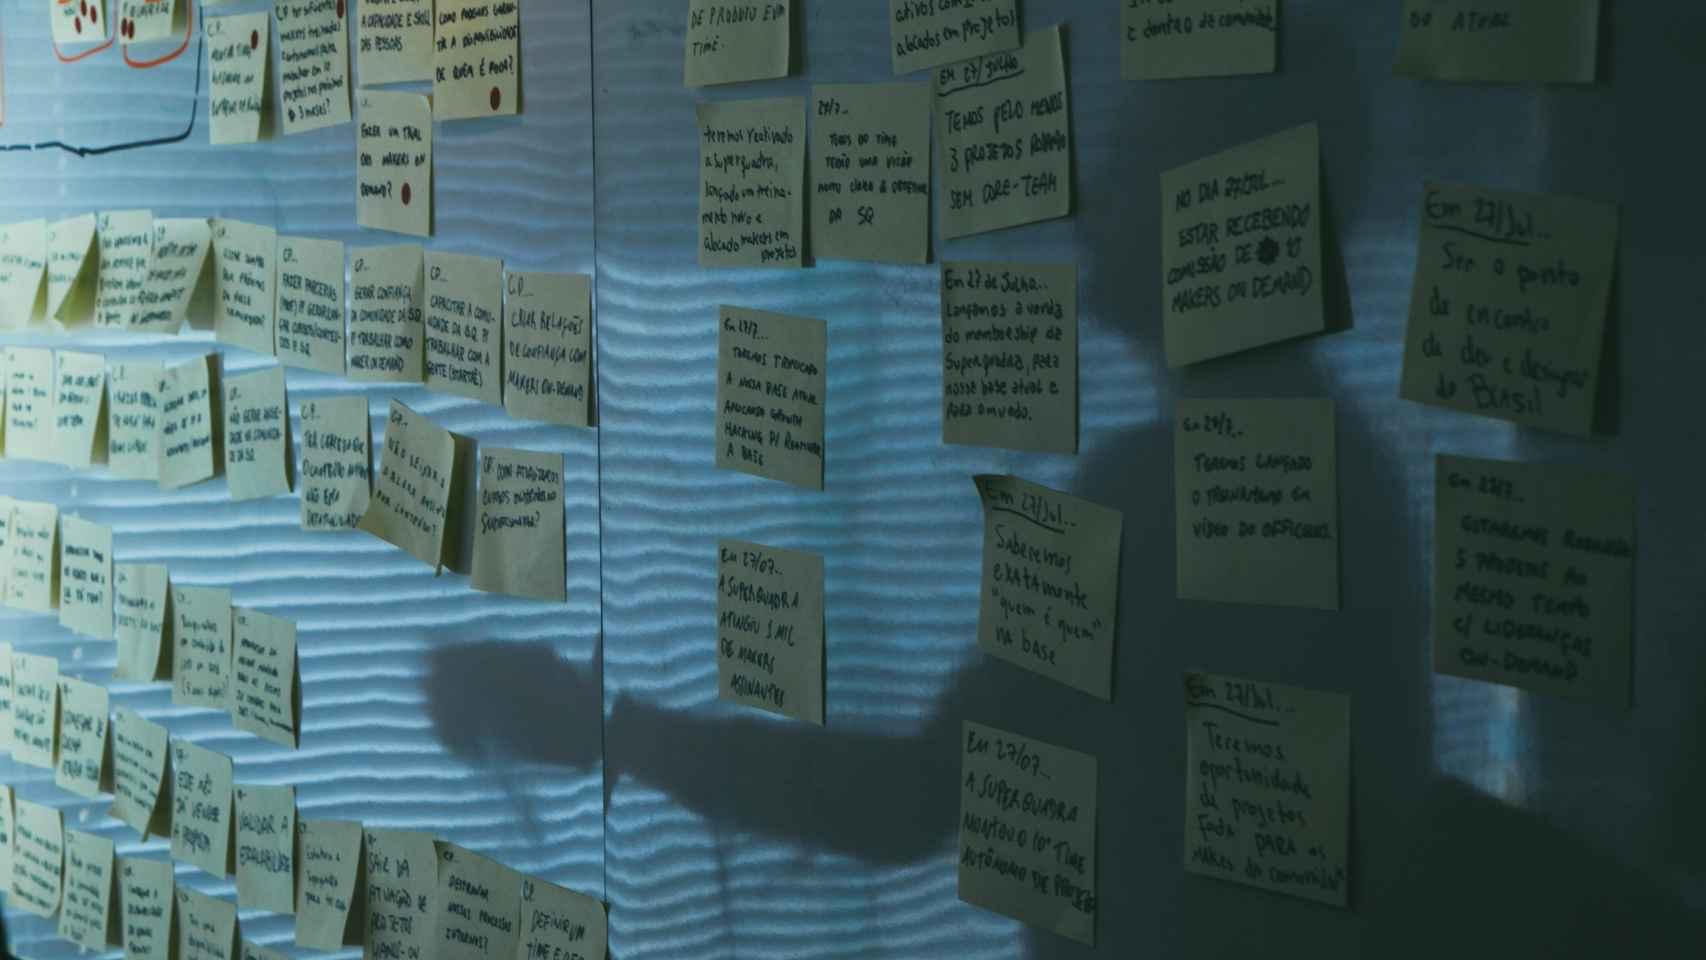 Imagen referencial de preparación de un proyecto empresarial.